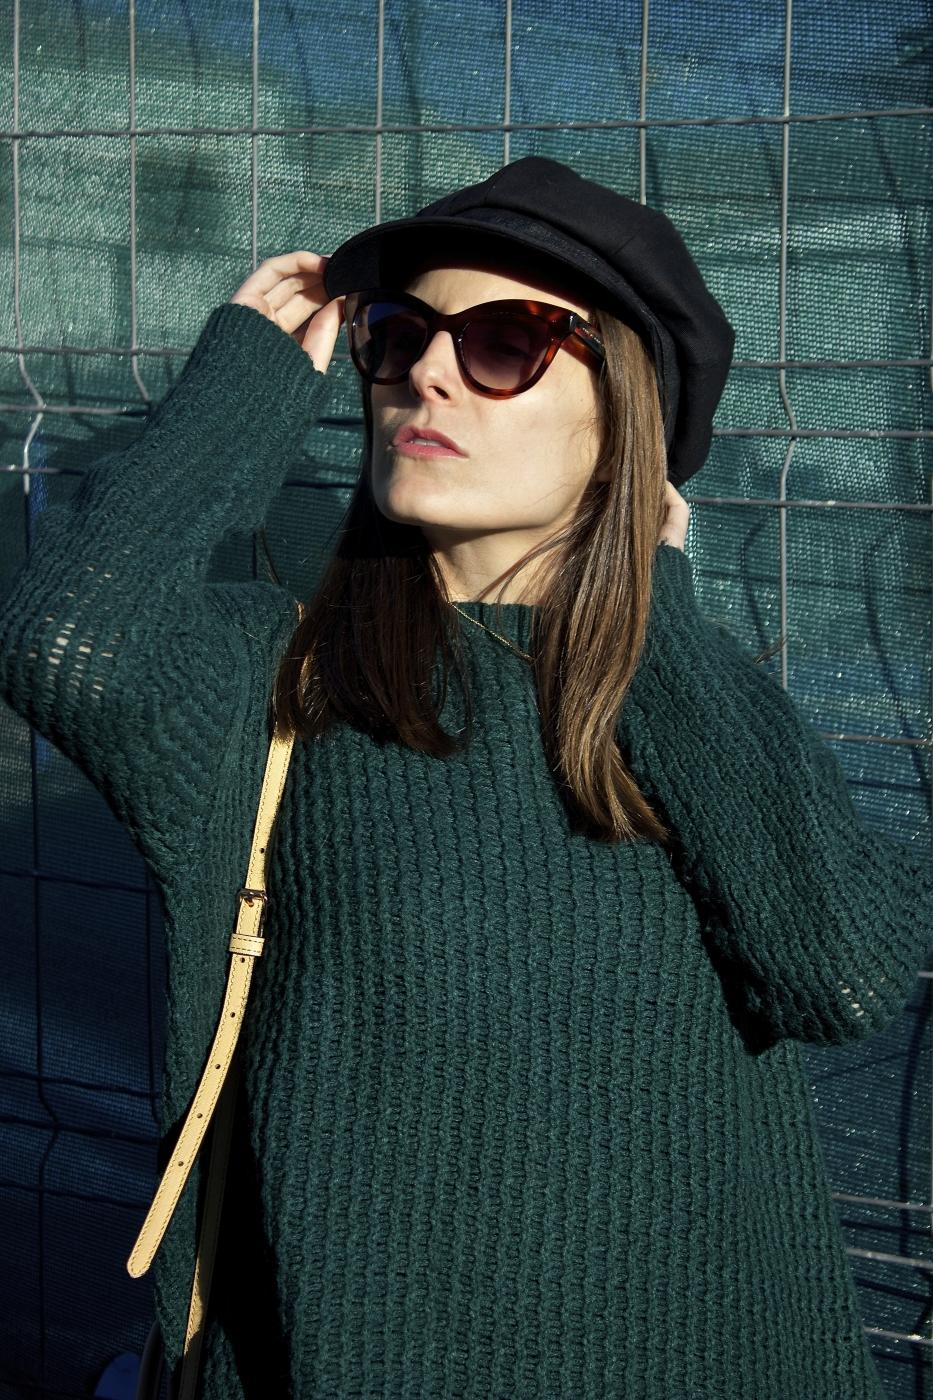 lara-vazquez-mad-lula-style-fashion-ootd